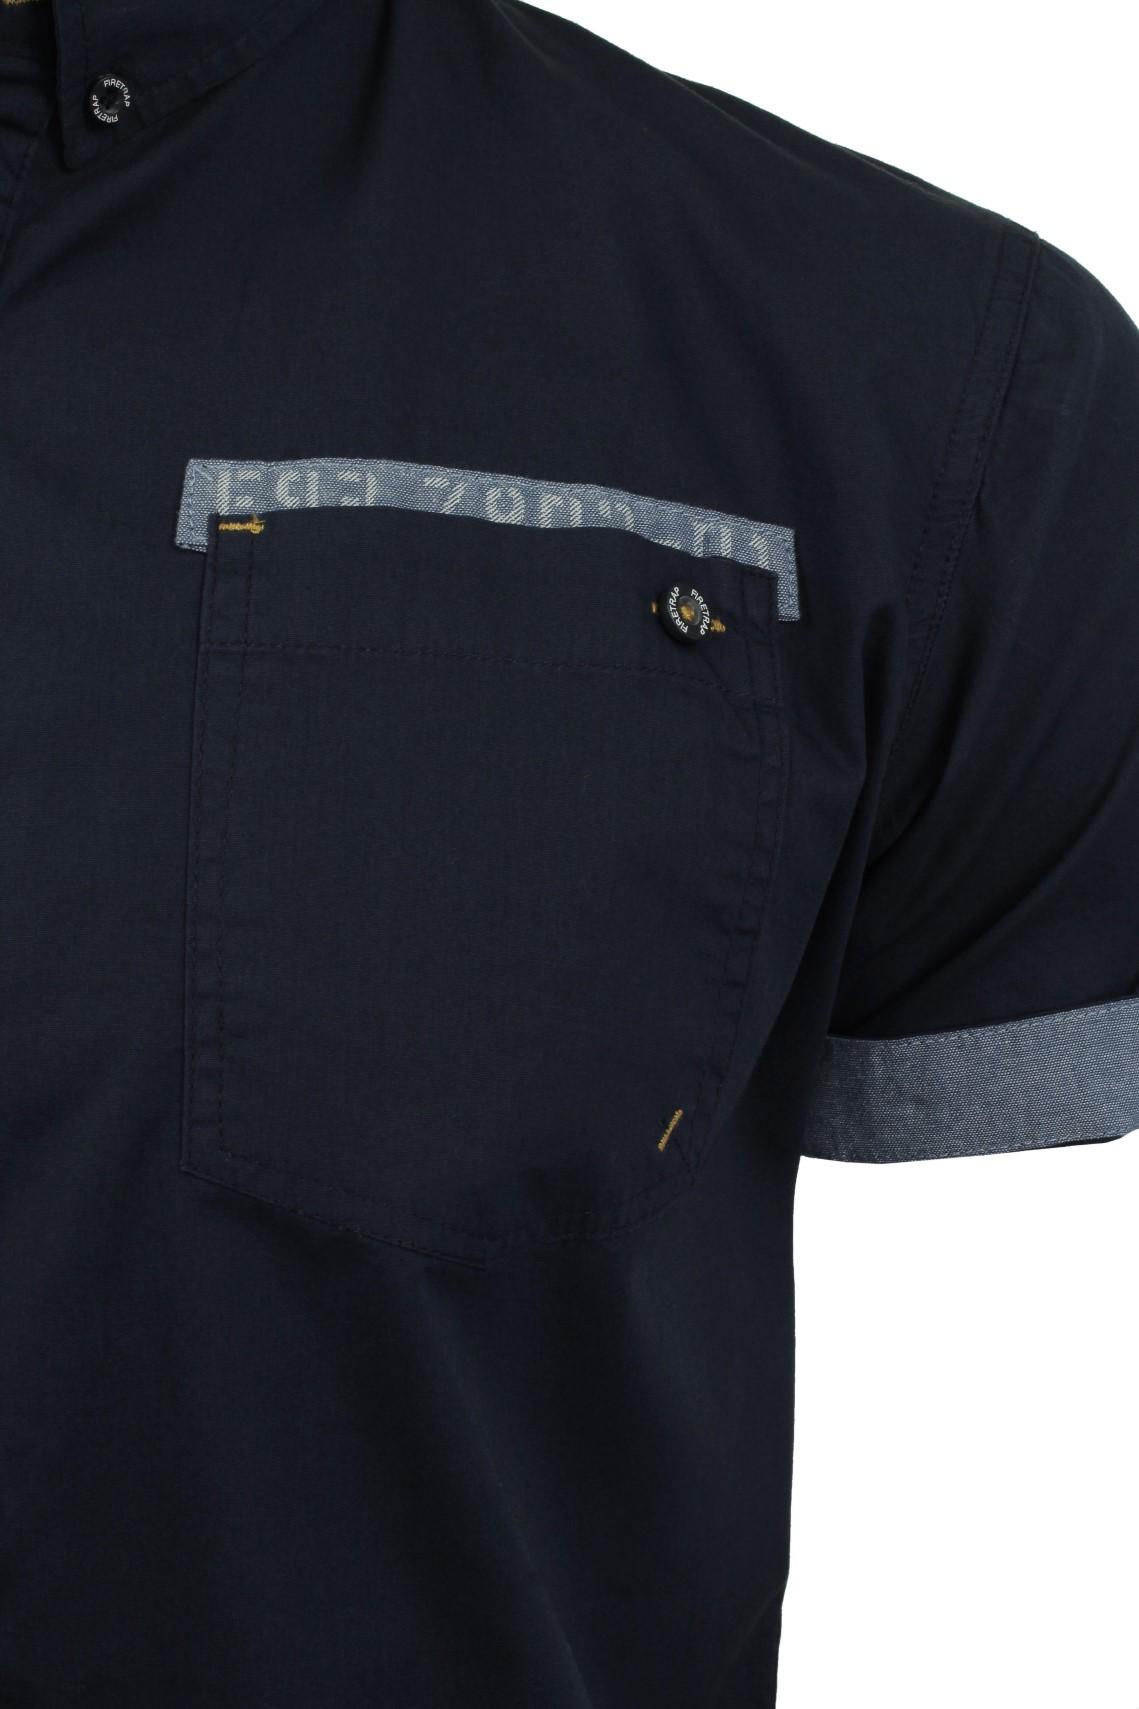 Da-Uomo-Popeline-Camicia-da-Firetrap-039-lanover-039-a-maniche-corte-Slim-Fit miniatura 13